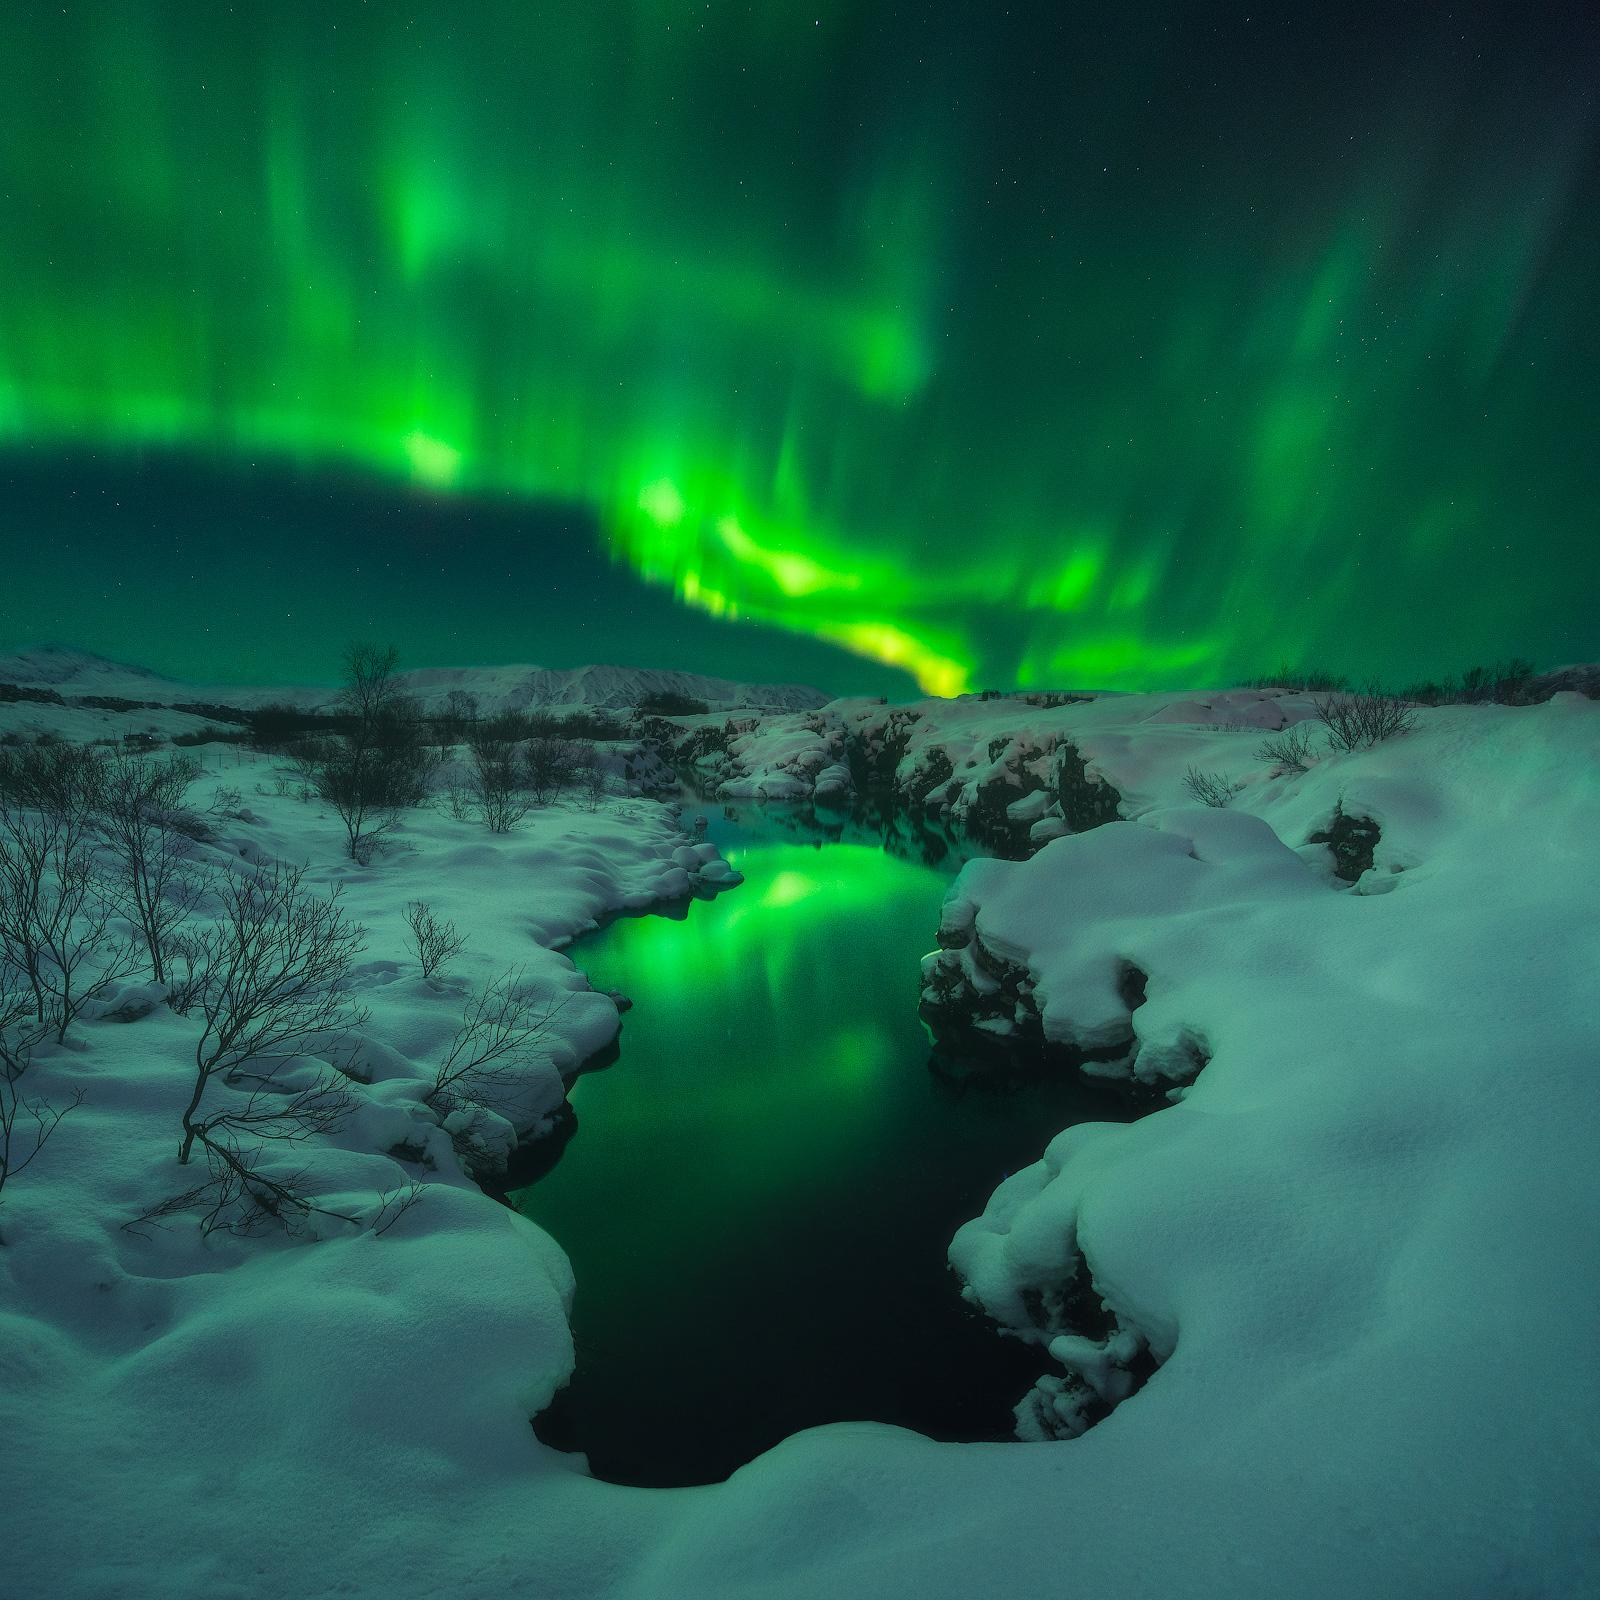 北极光在辛格维利尔国家公园(Þingvellir)的上空盘旋。